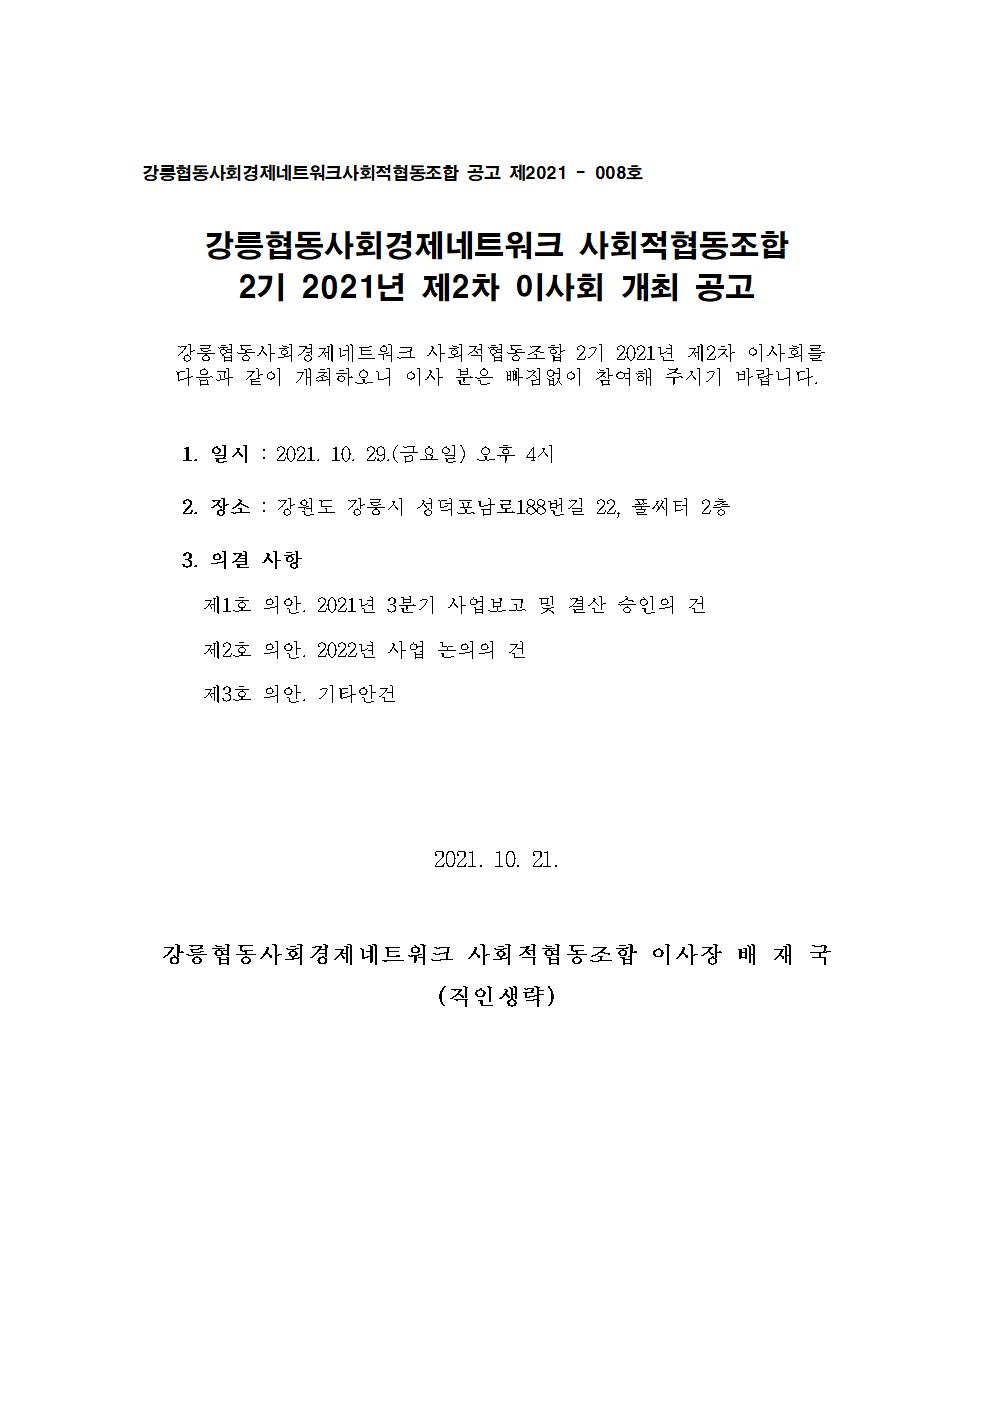 [공고] 강릉협동사회경제네트워크 사회적협동조합 2기 2021년 제2차 이사회 개최 공고